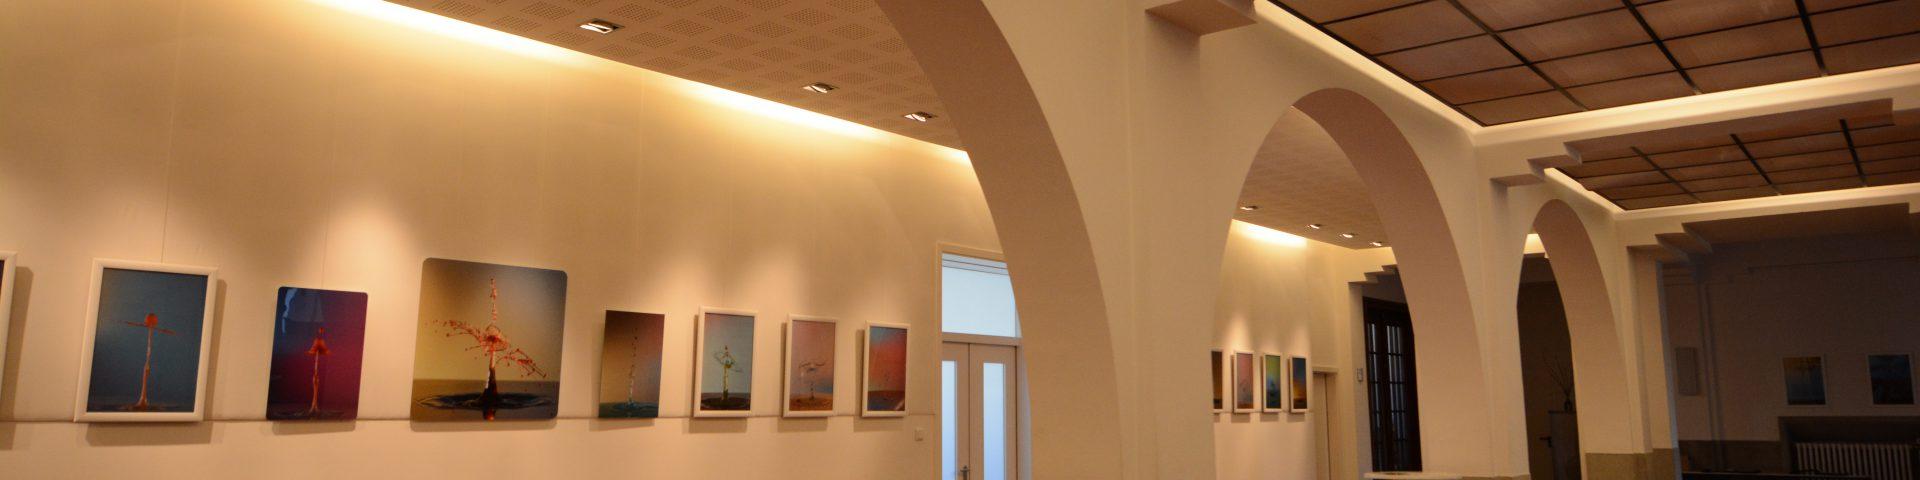 Foyer der Lutherkirche